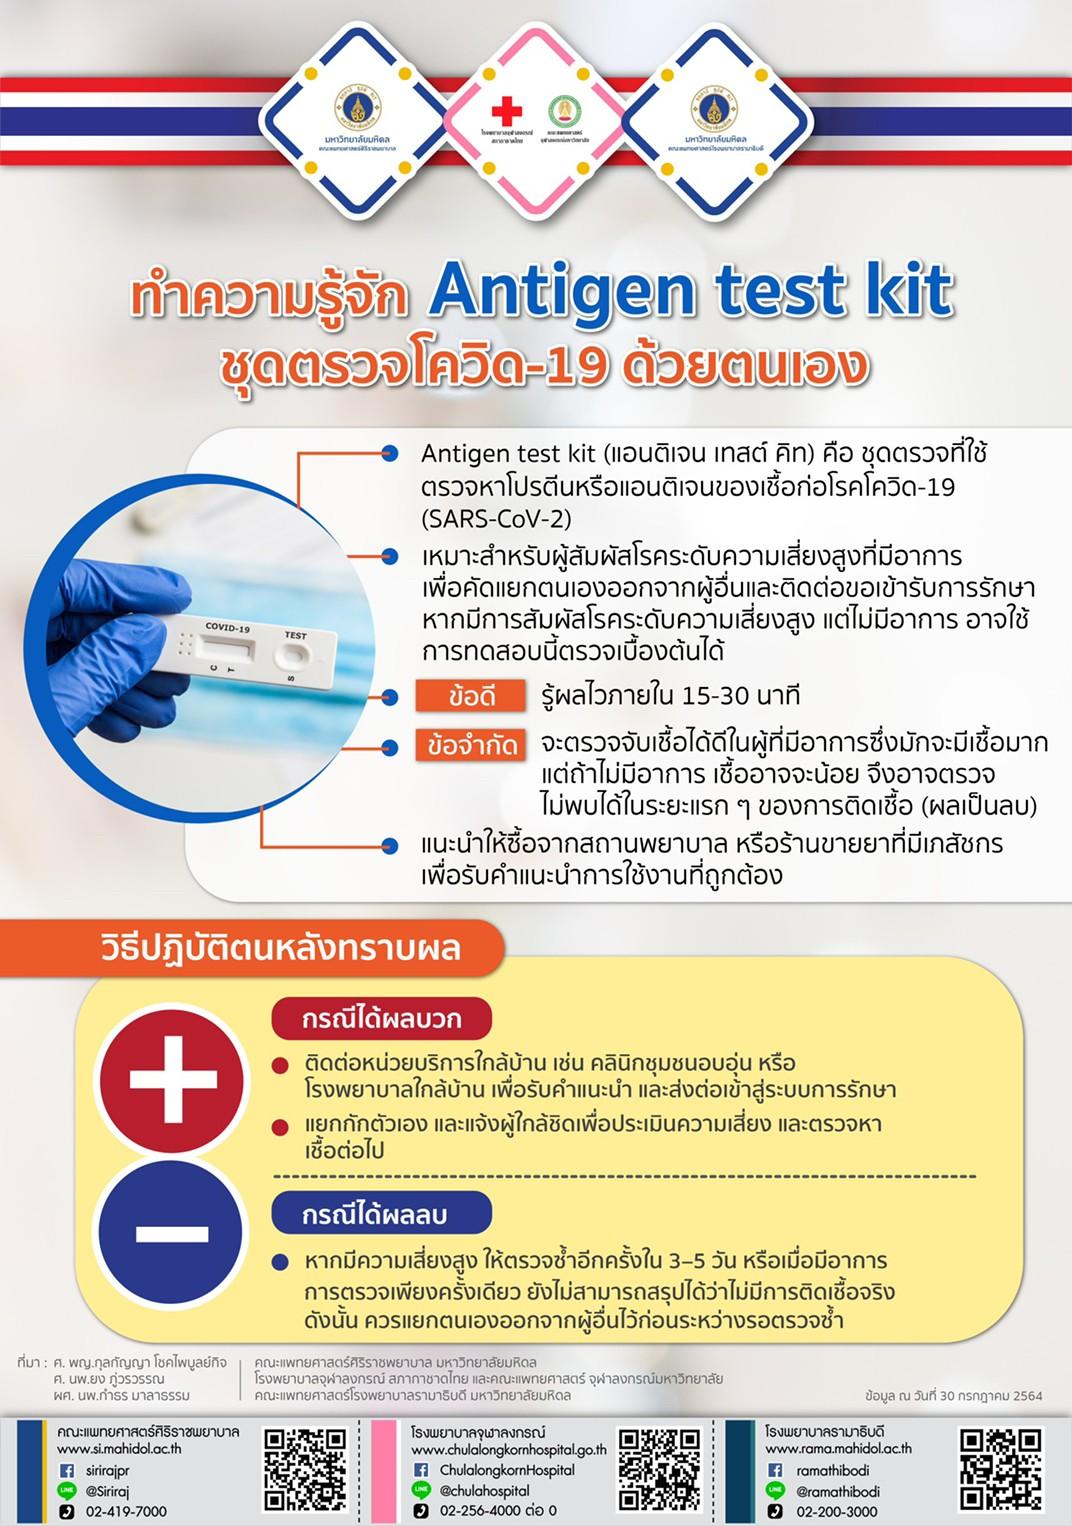 ทำความรู้จัก Antigen test kit ชุดตรวจโควิด-19 ด้วยตนเอง